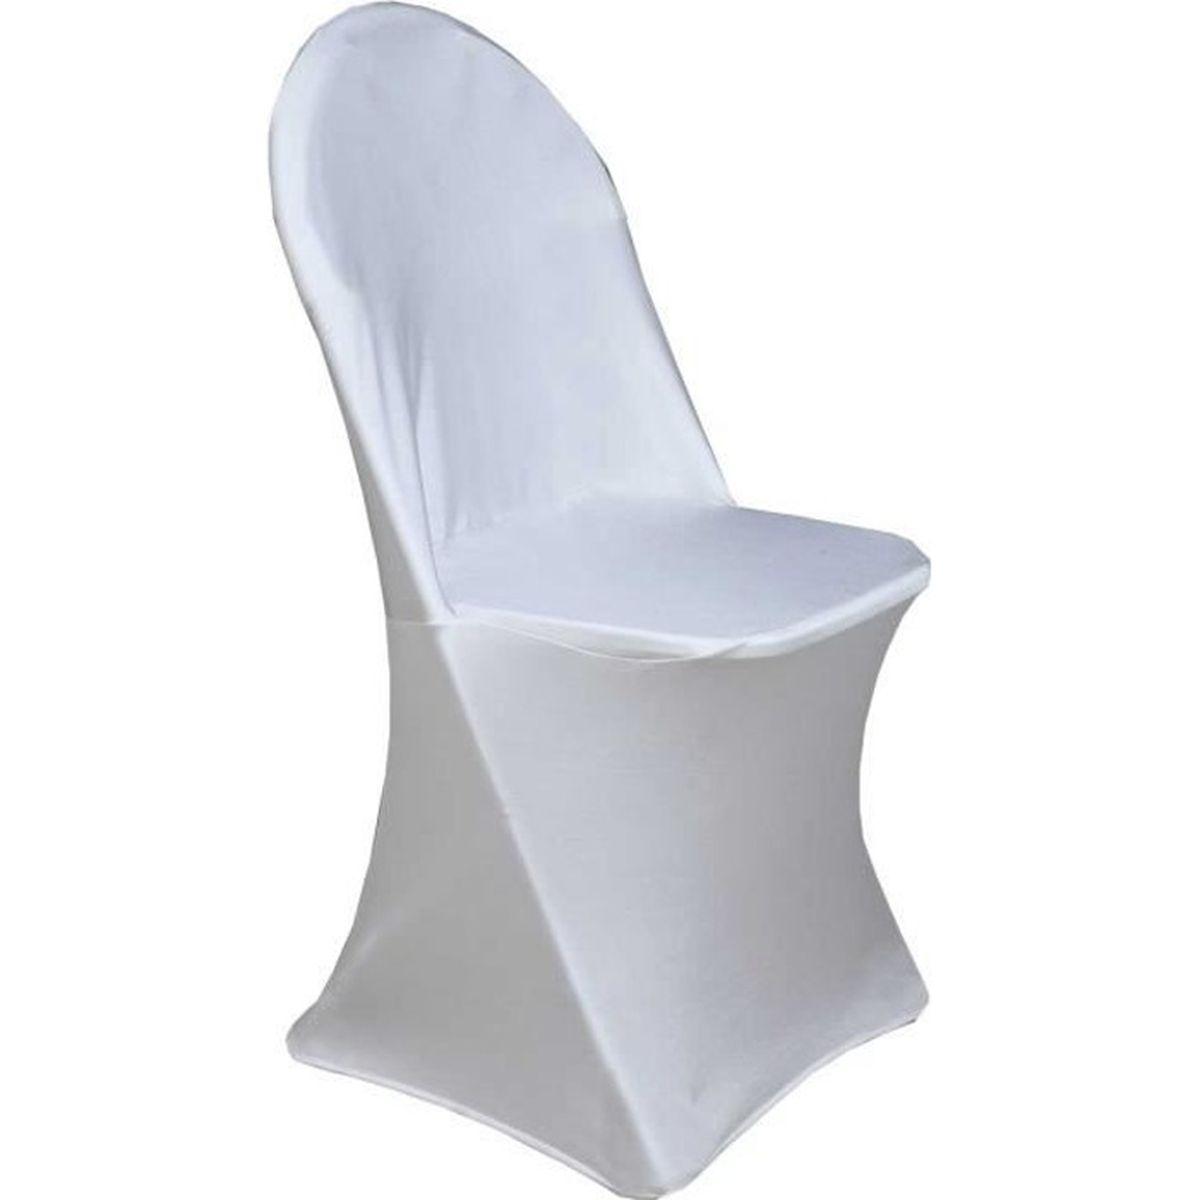 housse-blanche-nappe-de-chaise-pour-mari